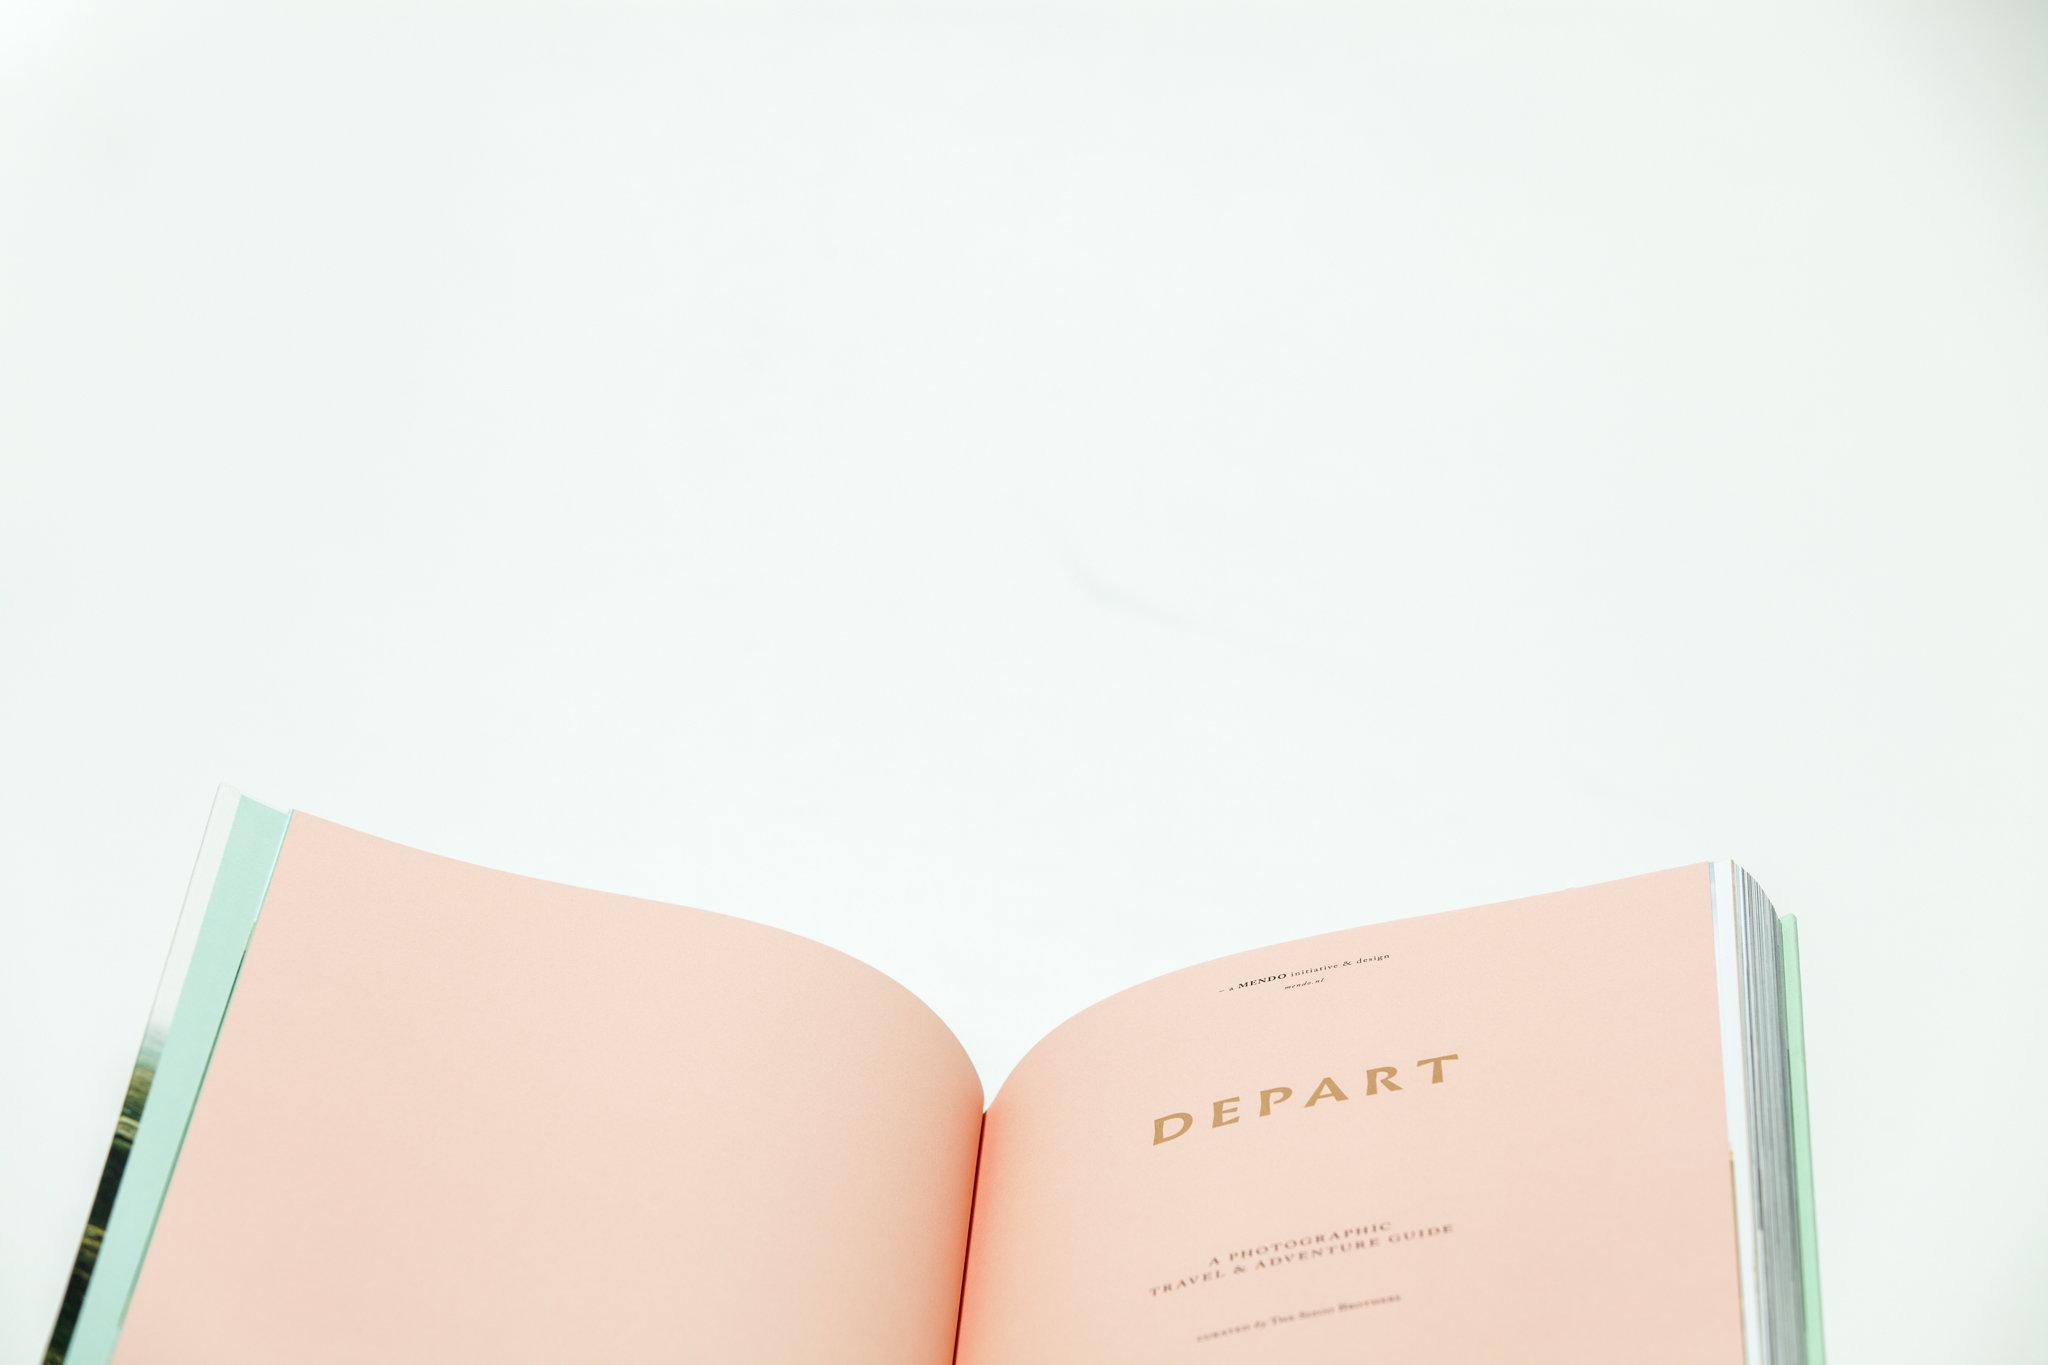 depart2_32.jpg